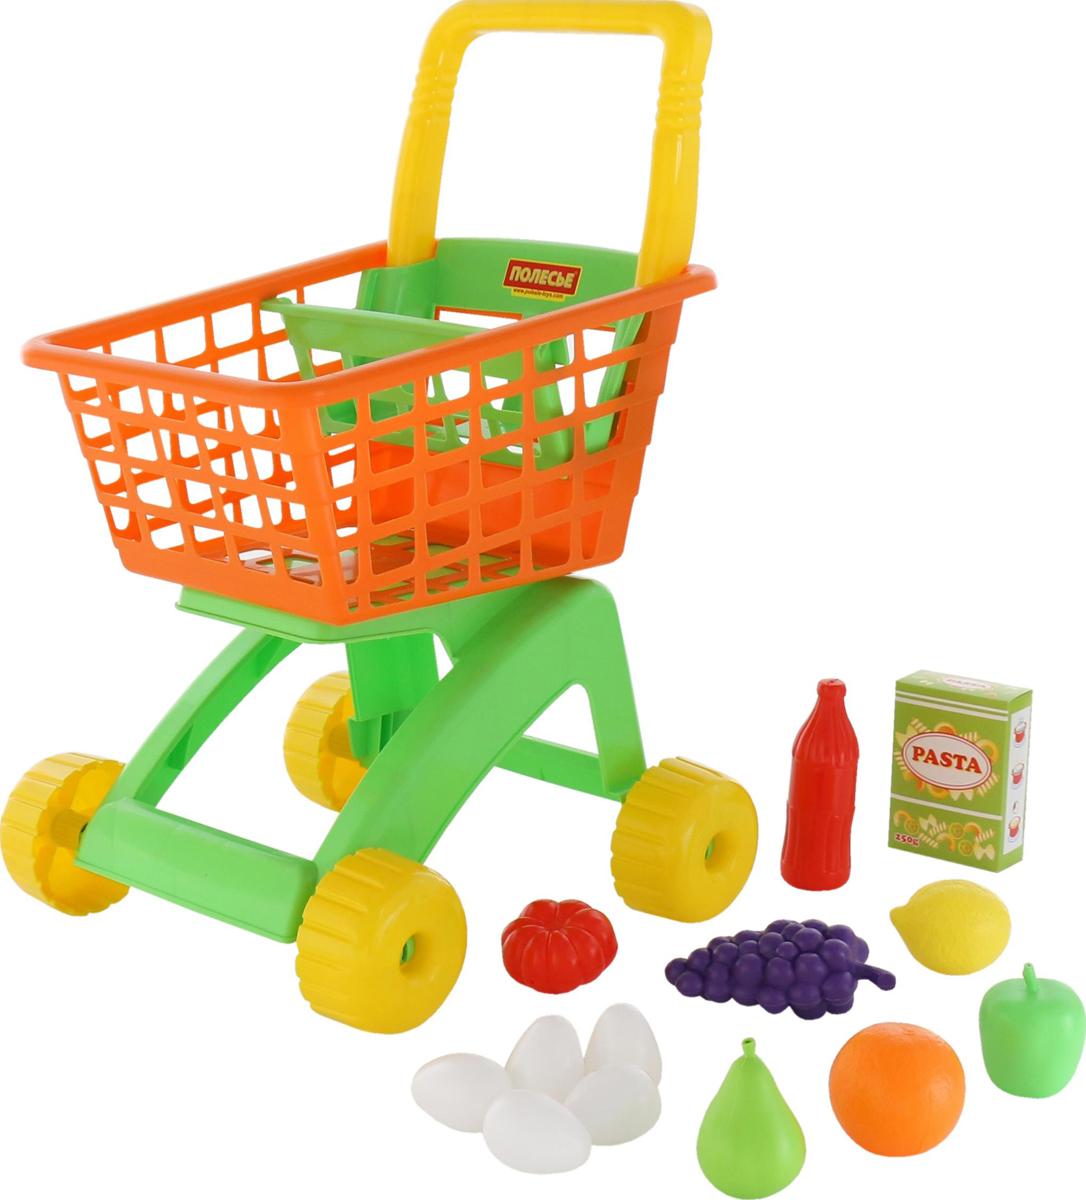 Полесье Игрушечная тележка для магазина с набором продуктов № 8, 12 предметов, цвет в ассортименте какие игрушки интересны для малыша 8 месяцев фото